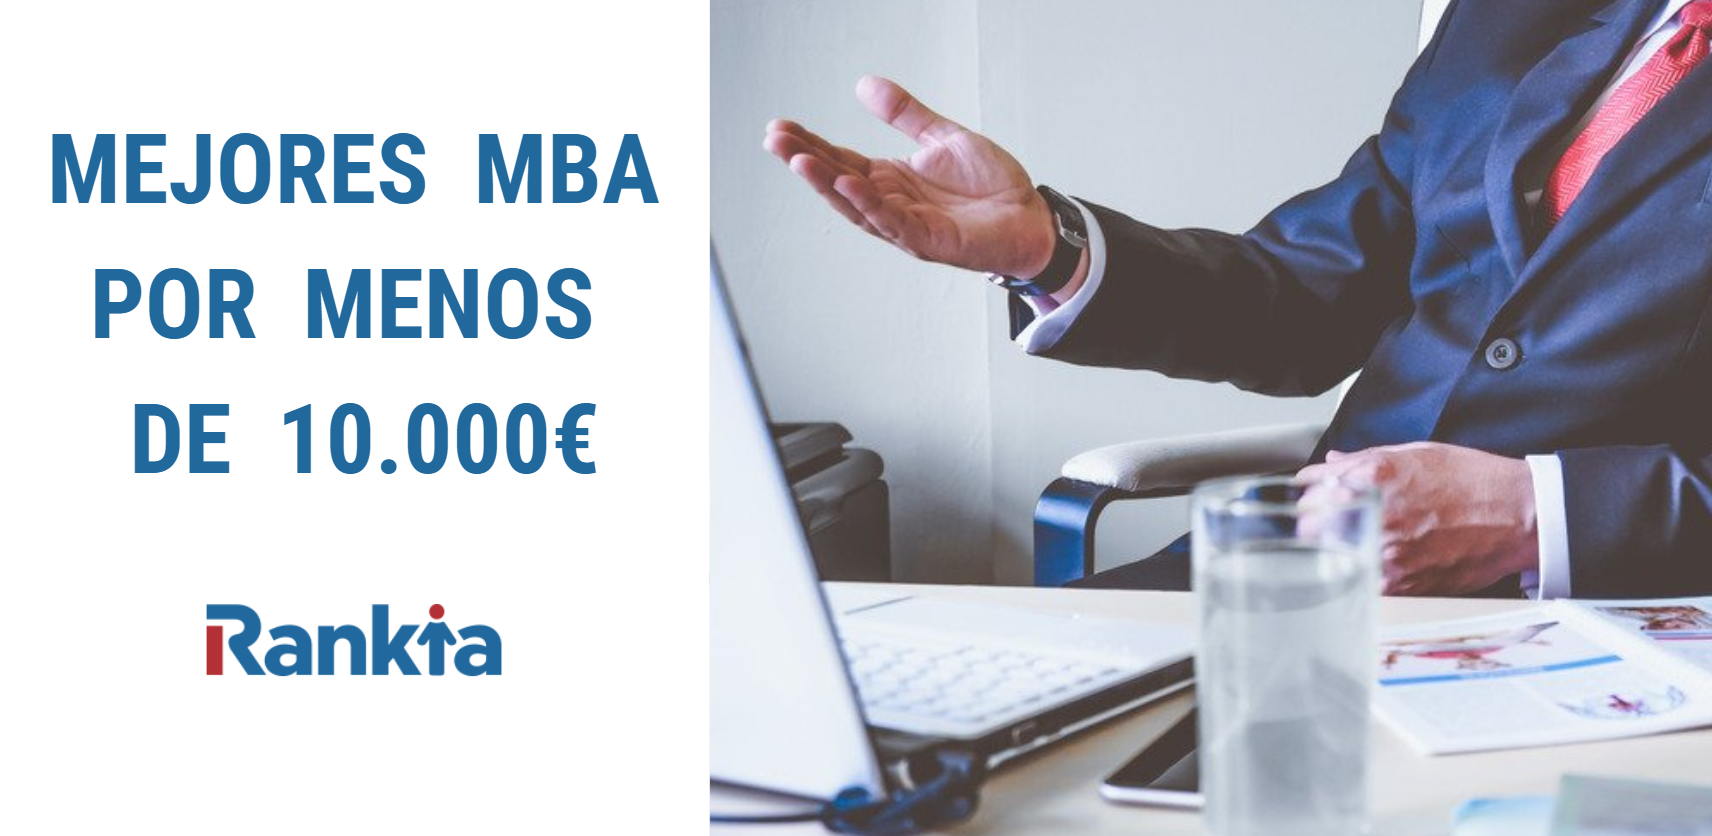 Mejores MBA en España por menos de 10.000 euros